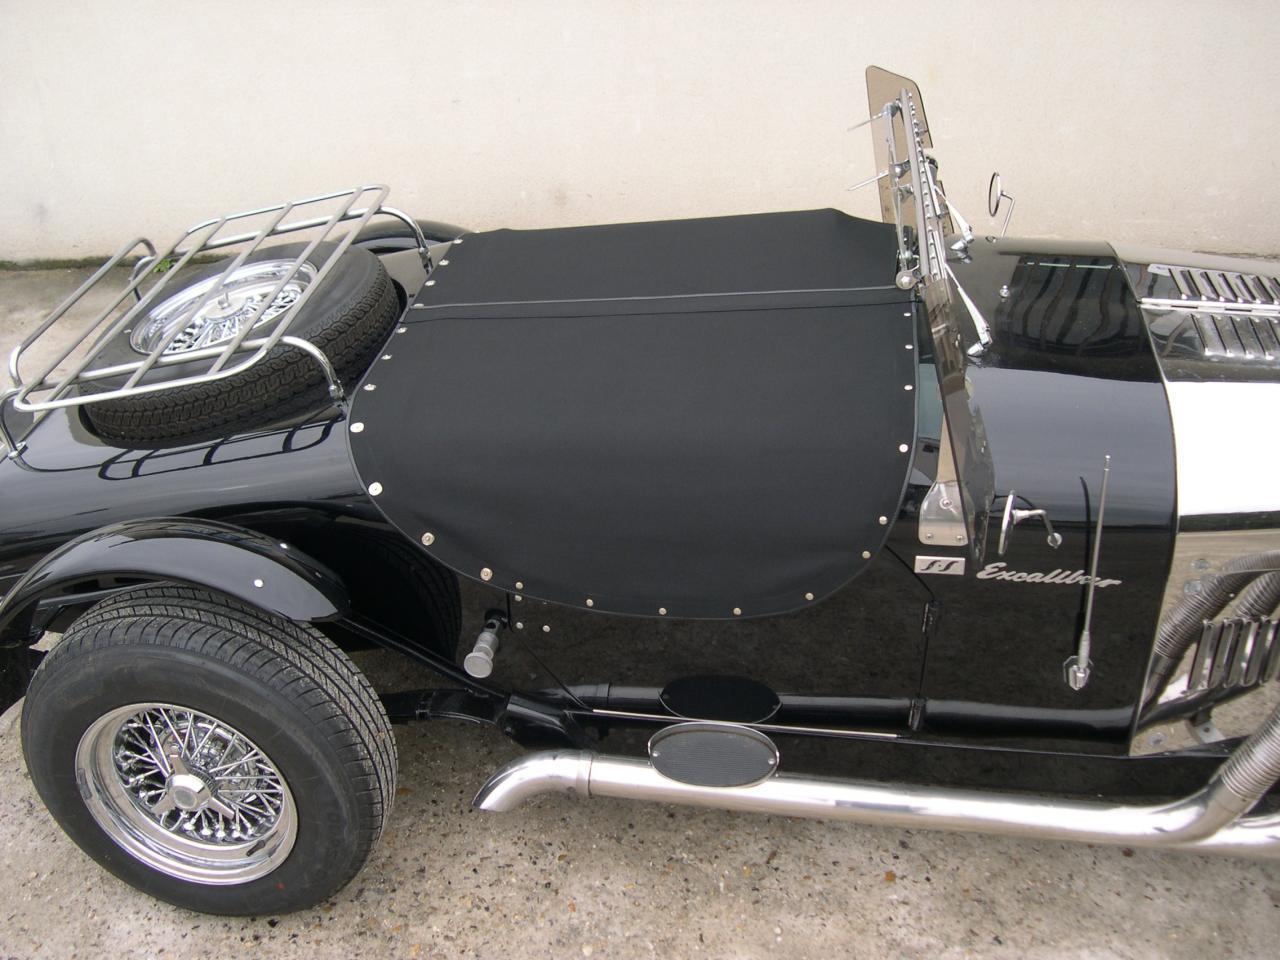 Realisation couvre tonneau sur excalibur roadster